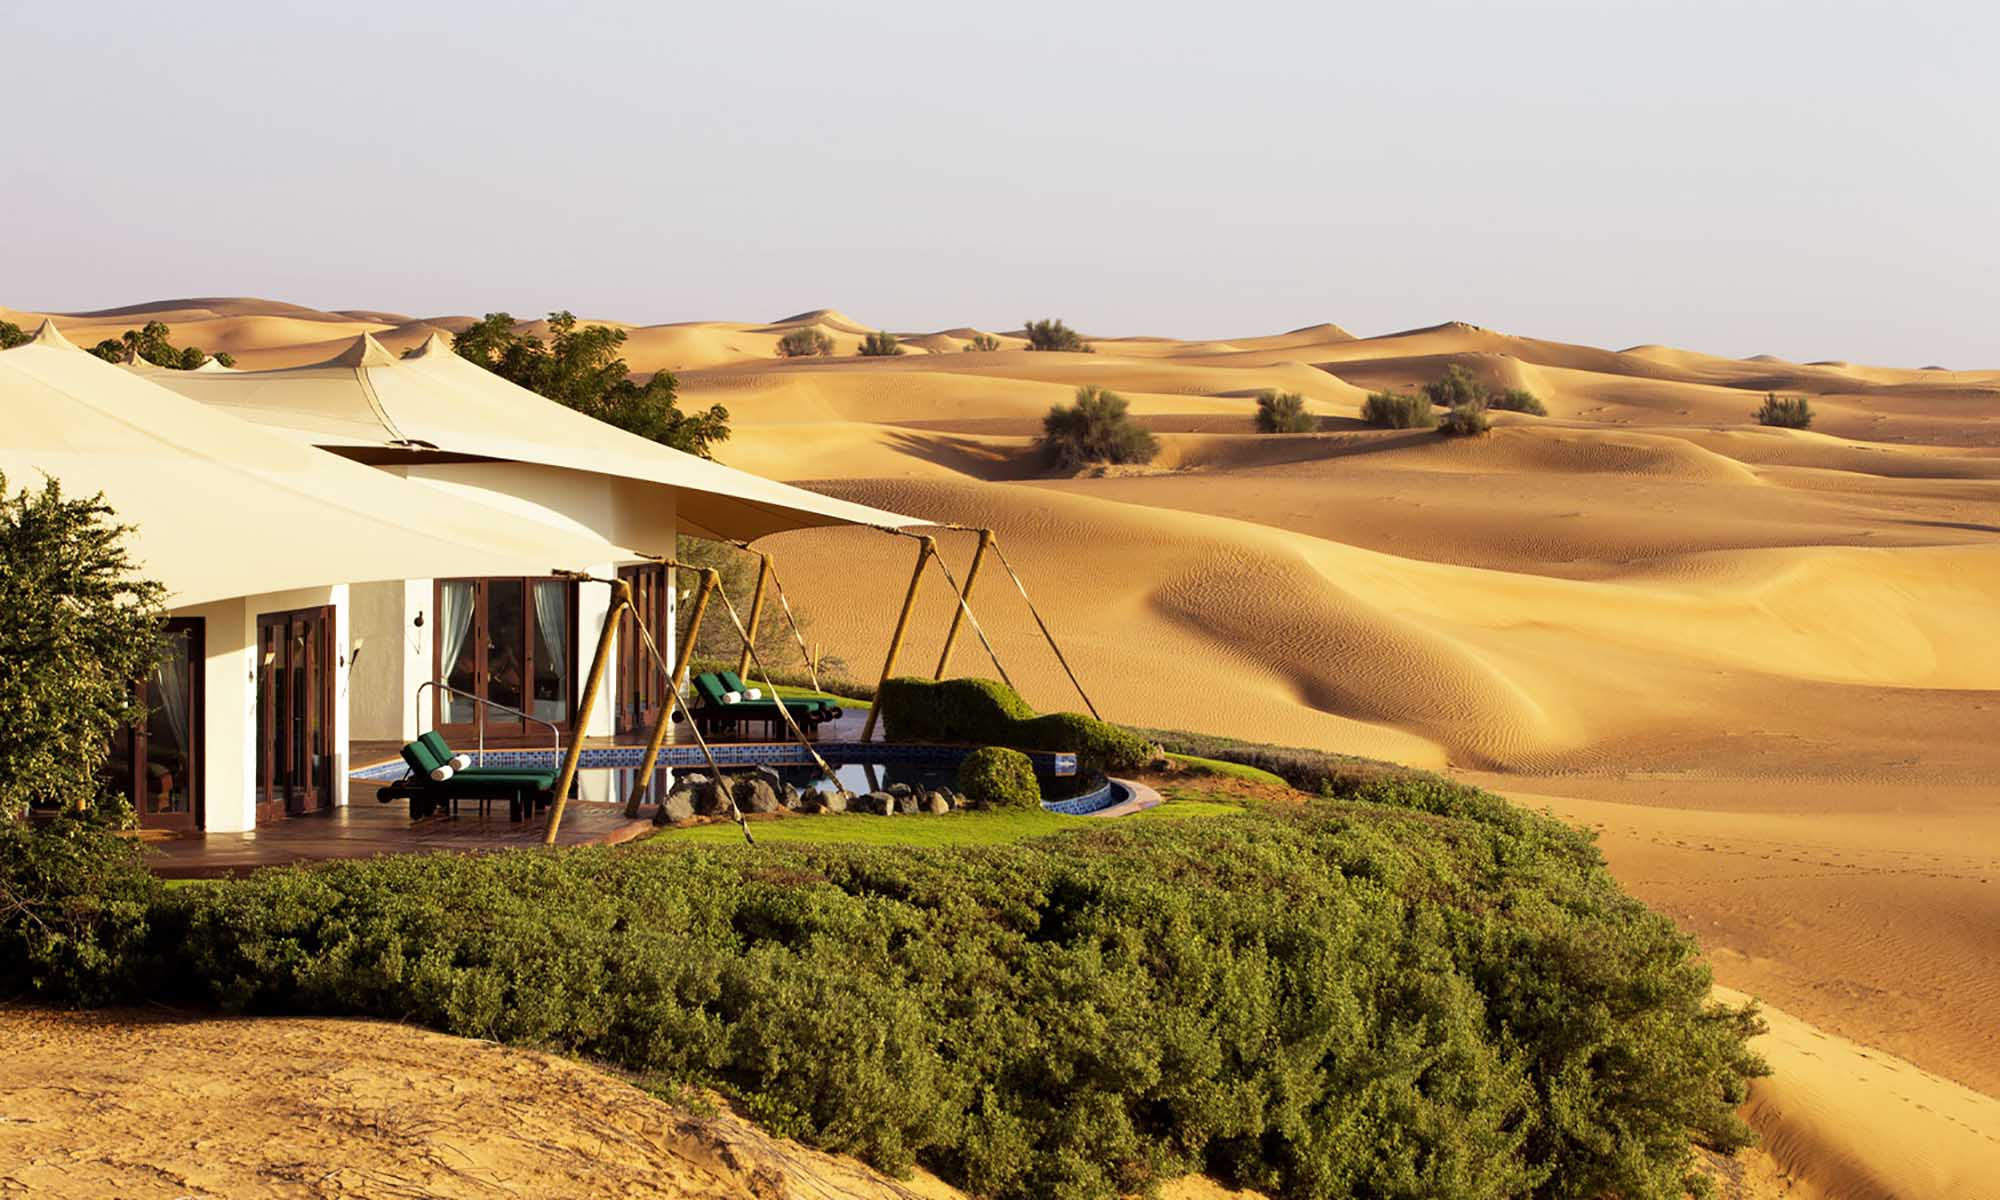 Al maha desert resort spa legends al maha desert resort spa m4hsunfo